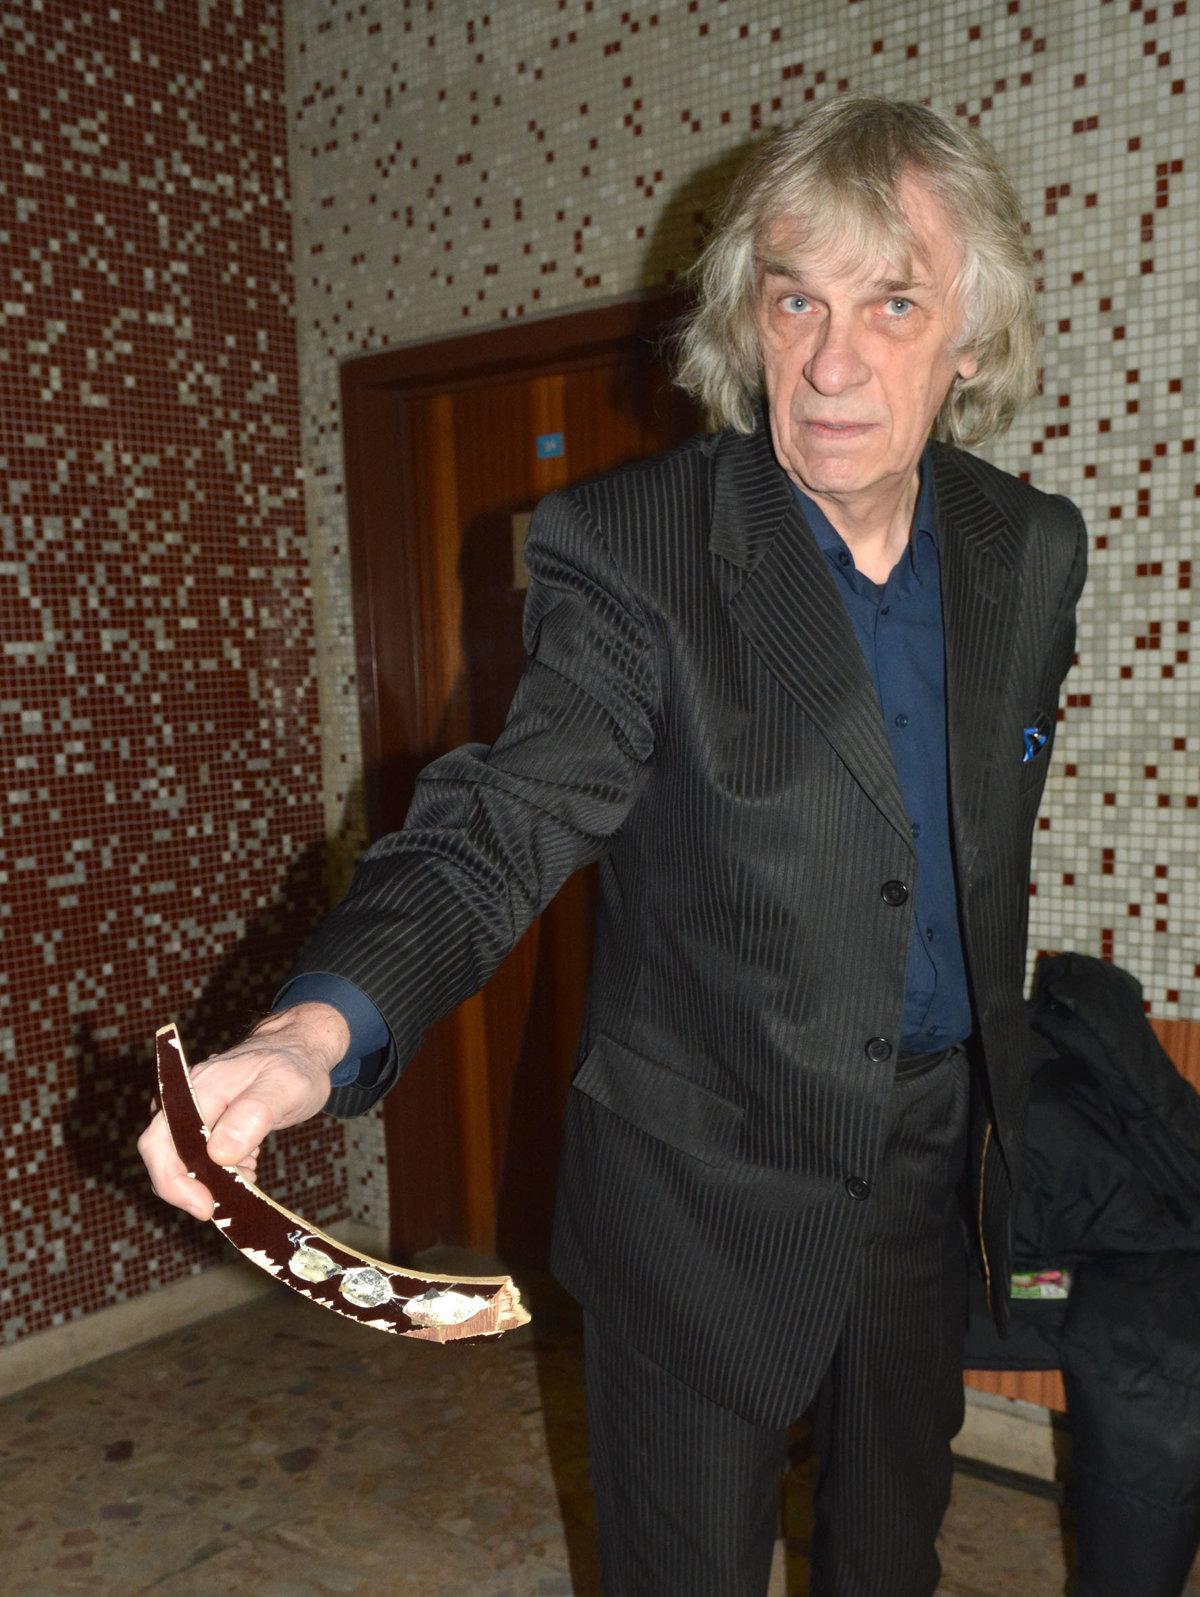 Kalmus opäť stál pred súdom pre osekávanie symbolov komunizmu - kosice.korzar.sme.sk